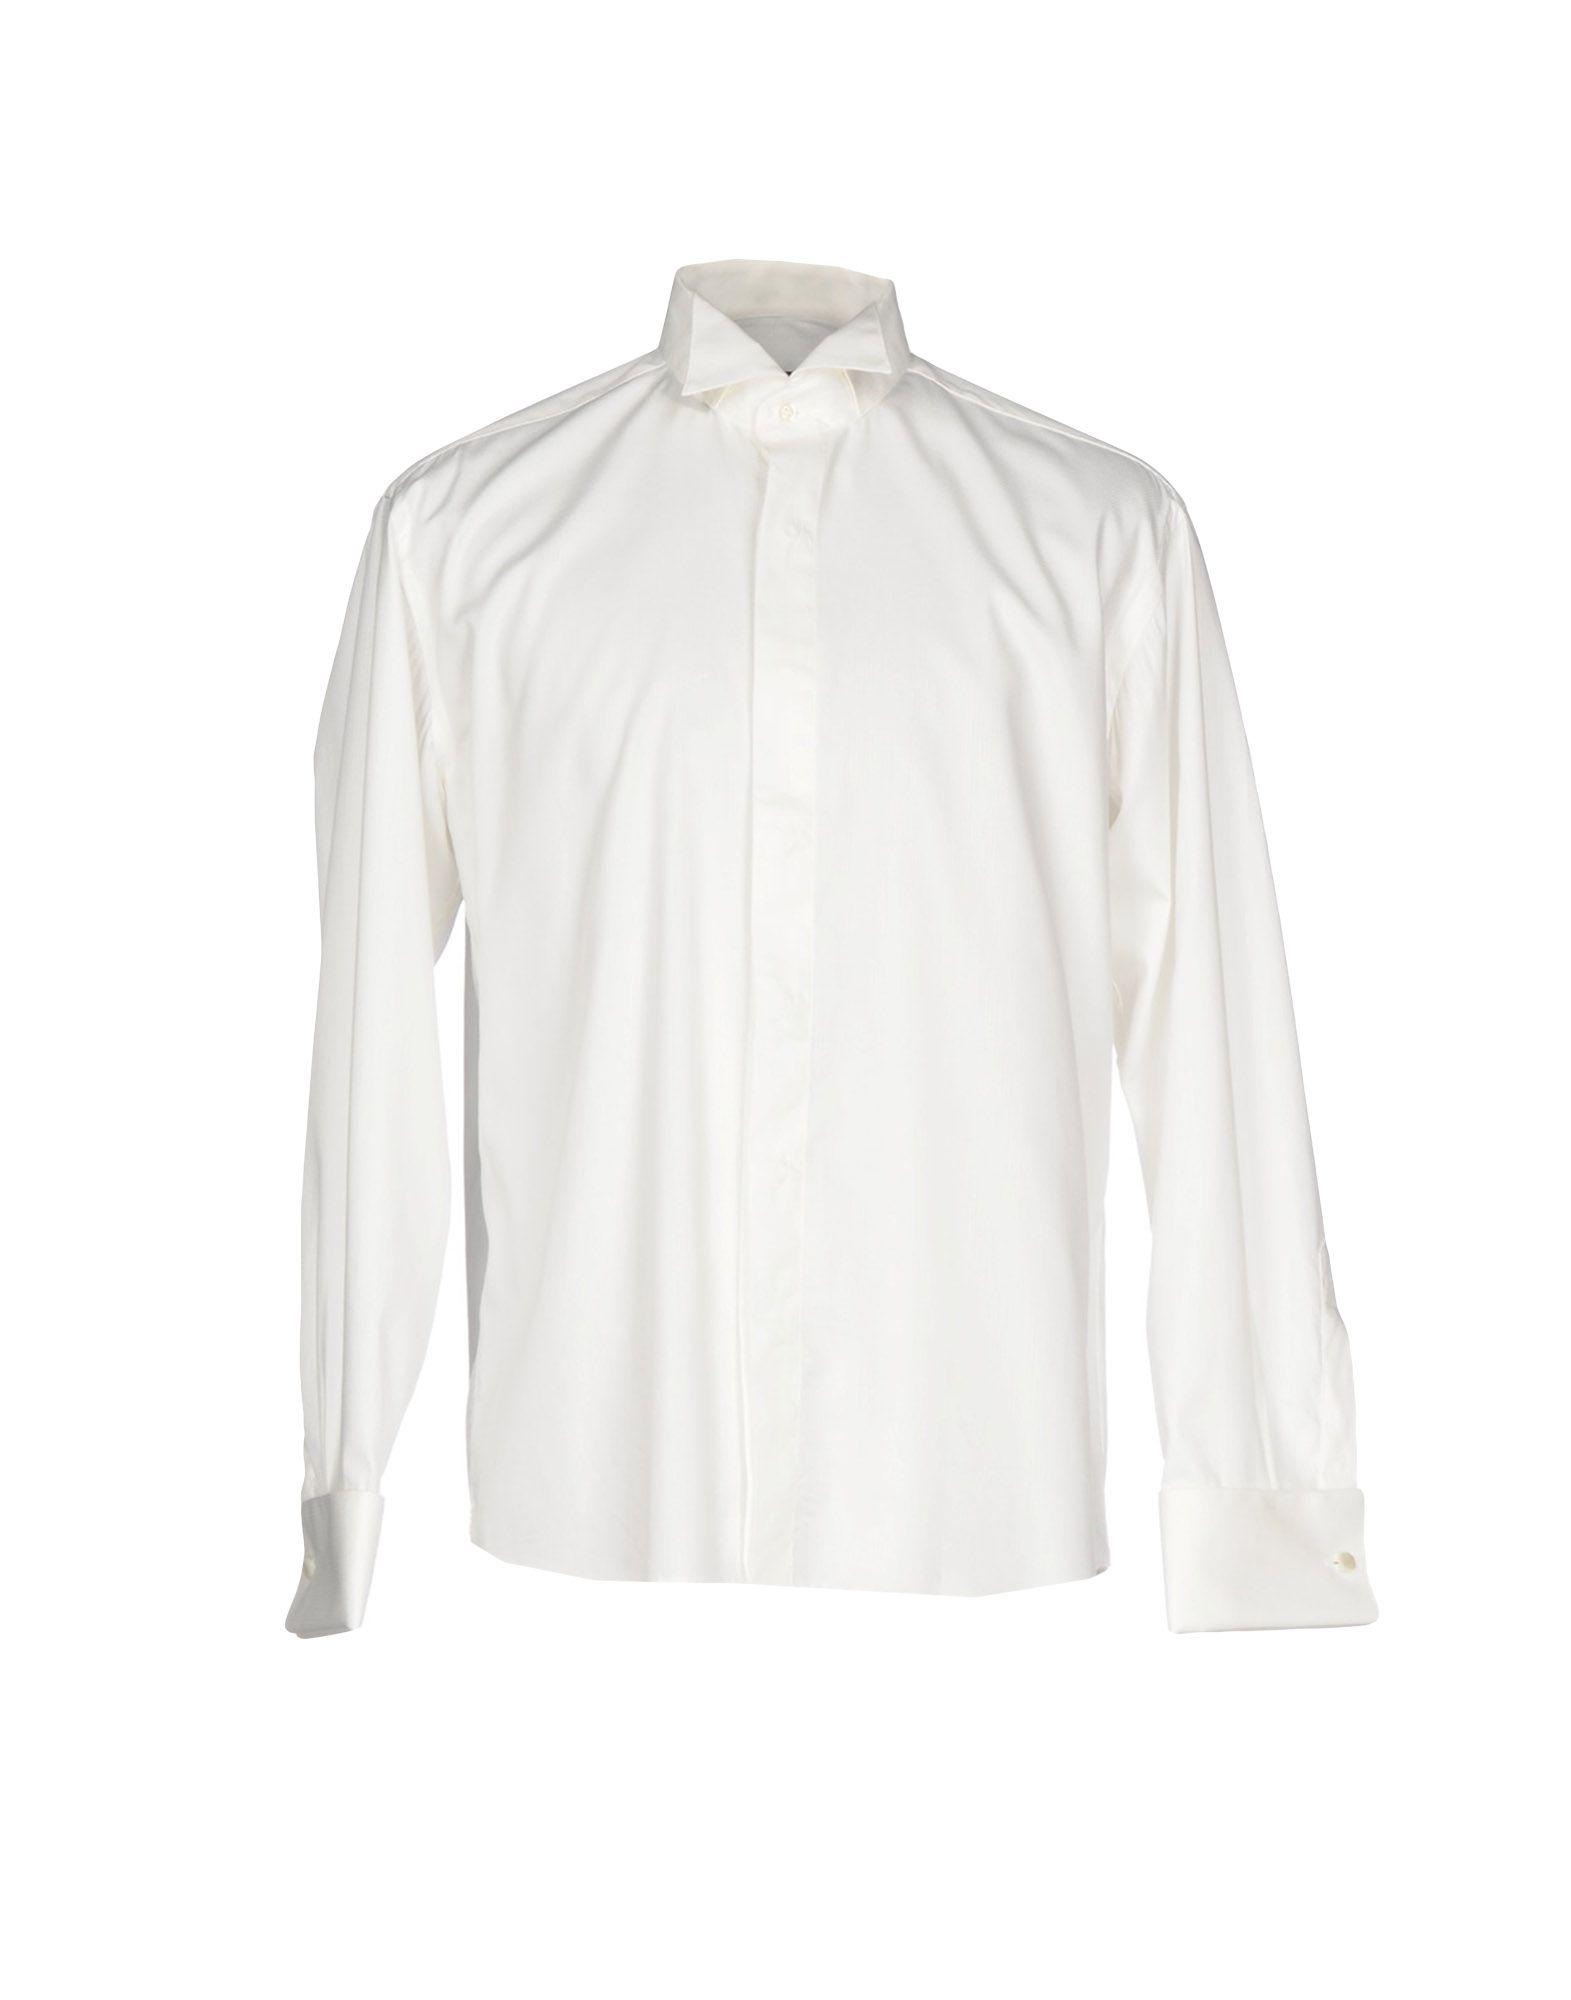 《セール開催中》ROCCOBAROCCO メンズ シャツ ホワイト 44 コットン 100%